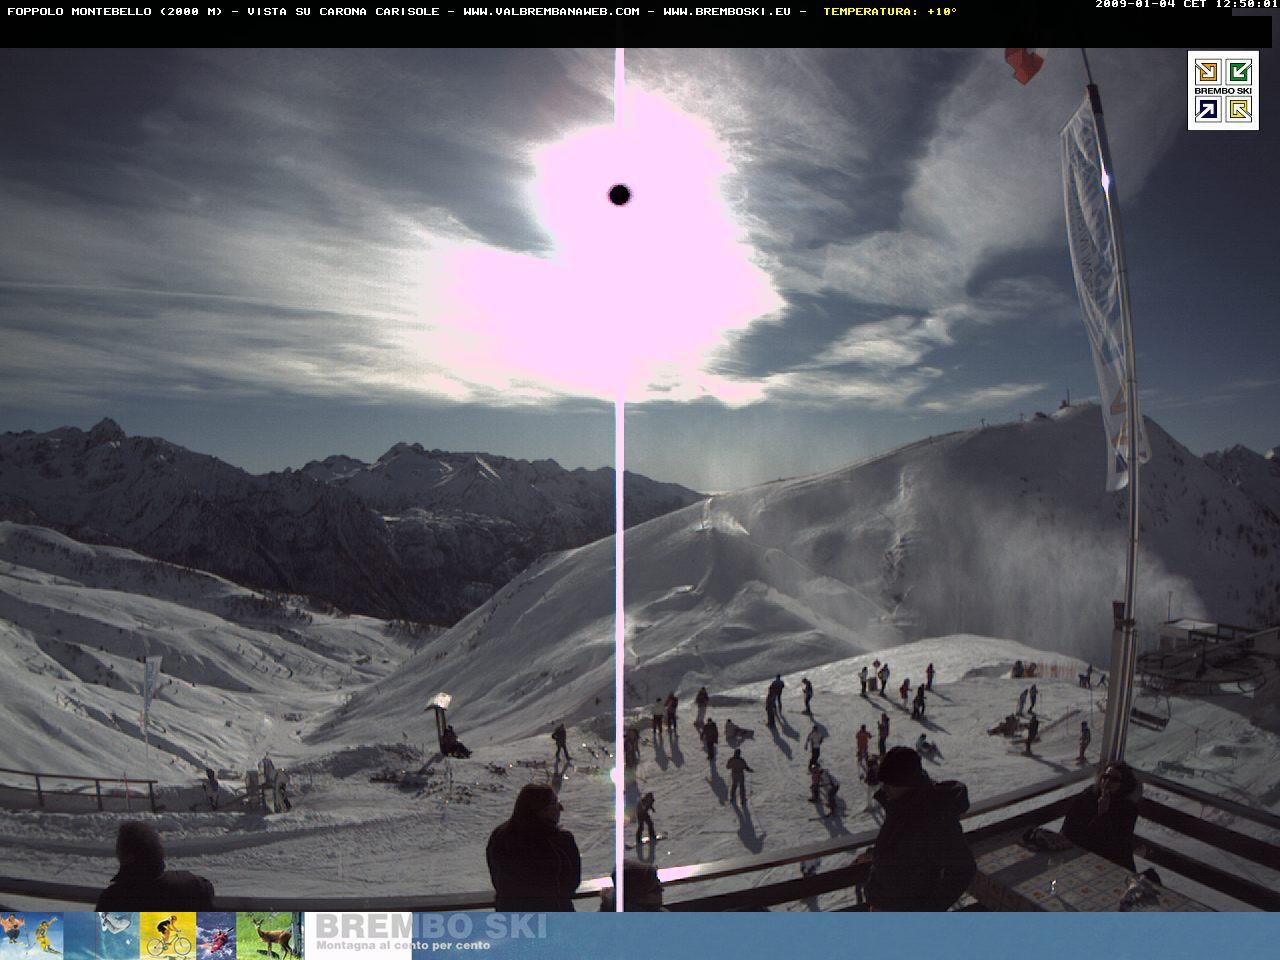 http://www.foppolo.provinciabergamasca.com/webcam/quartabaita.jpg